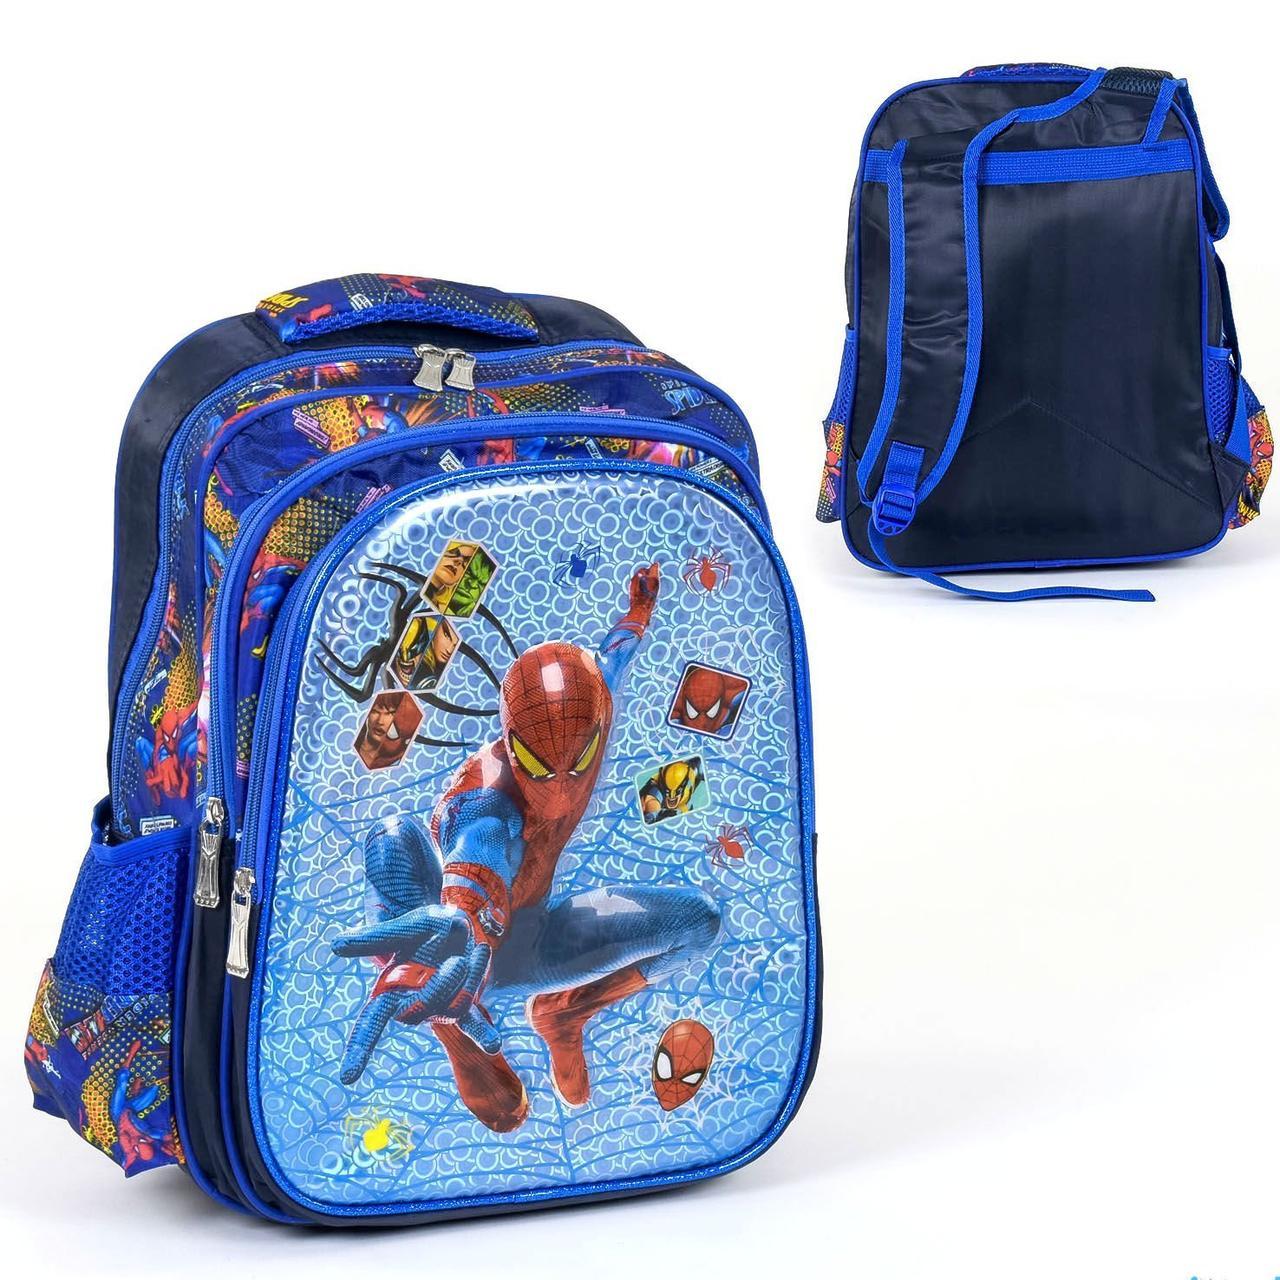 Рюкзак школьный Человек Паук 3D принт: 2 отделения, 3 кармана 30 см × 5 см × 40 см